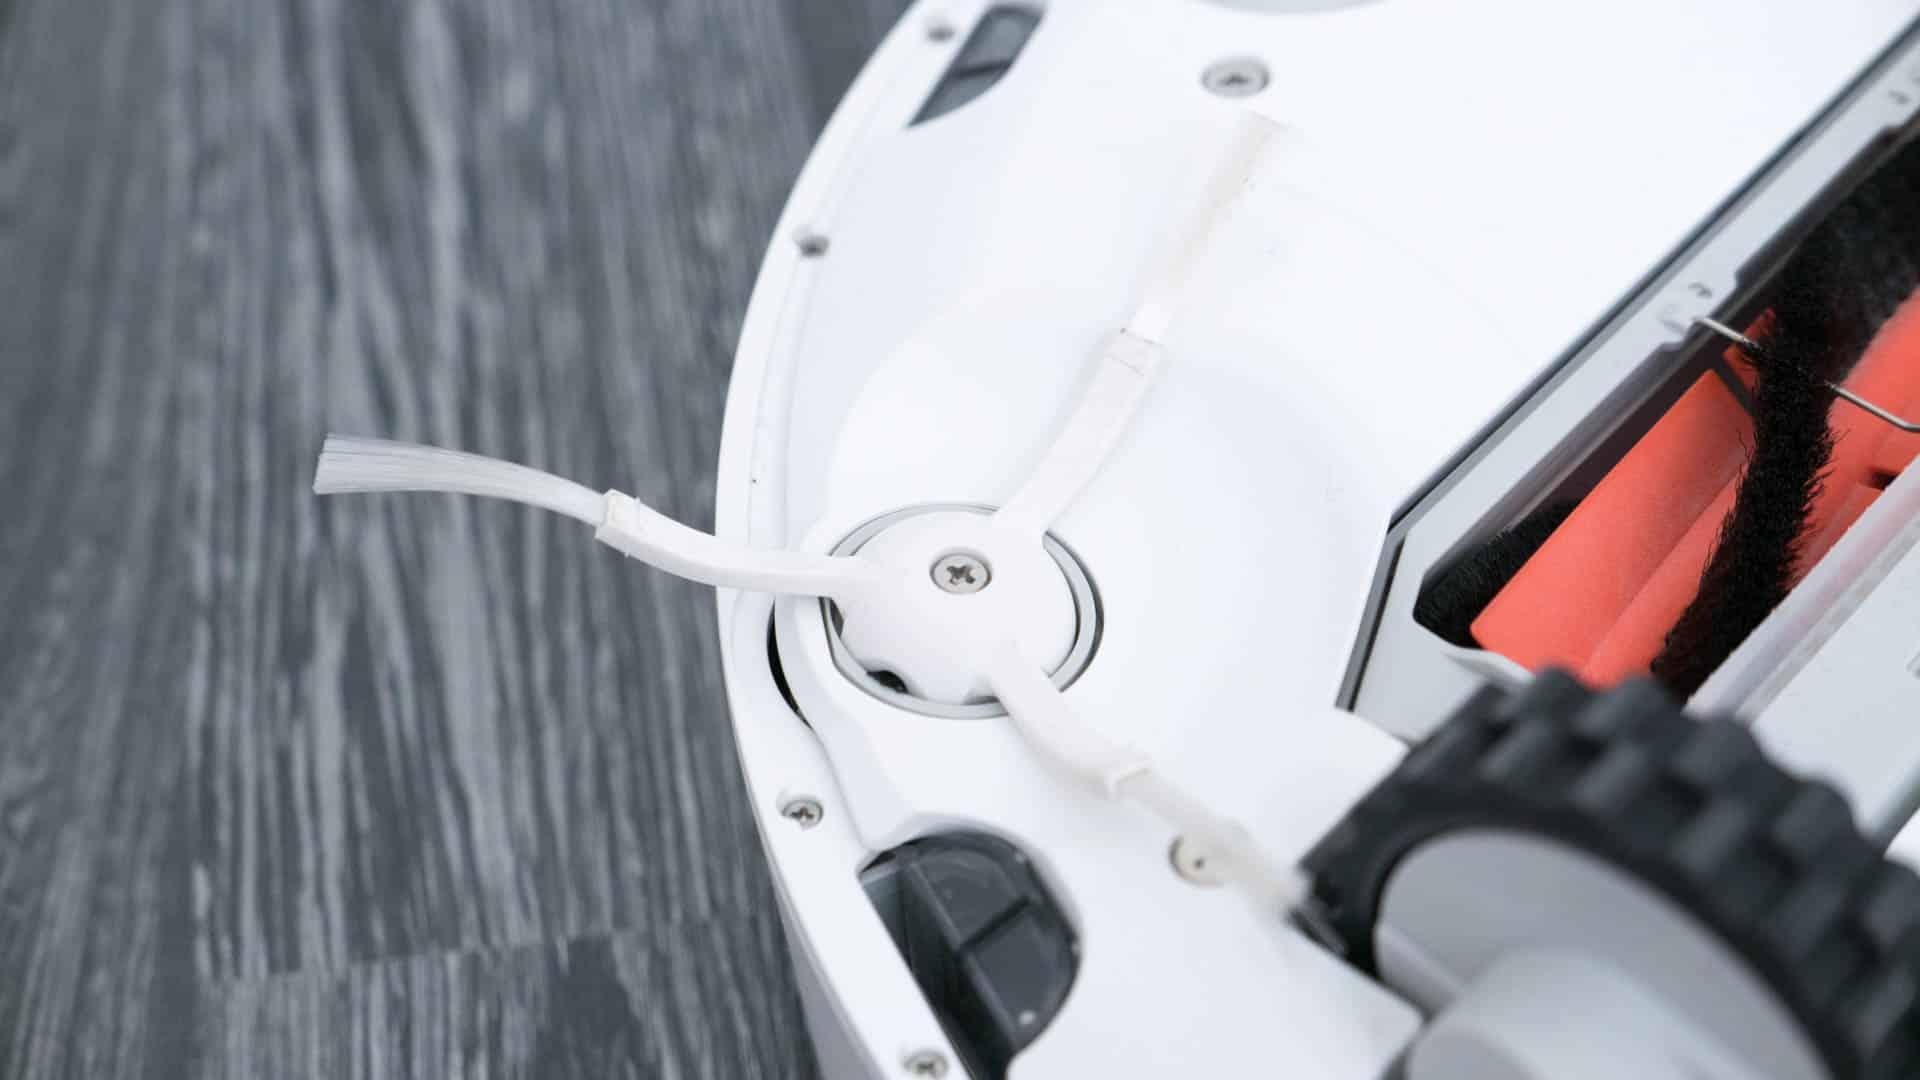 Xiaomi-Mi-Staubsauger-Roboter-im-Test-3er-Bürste-unten